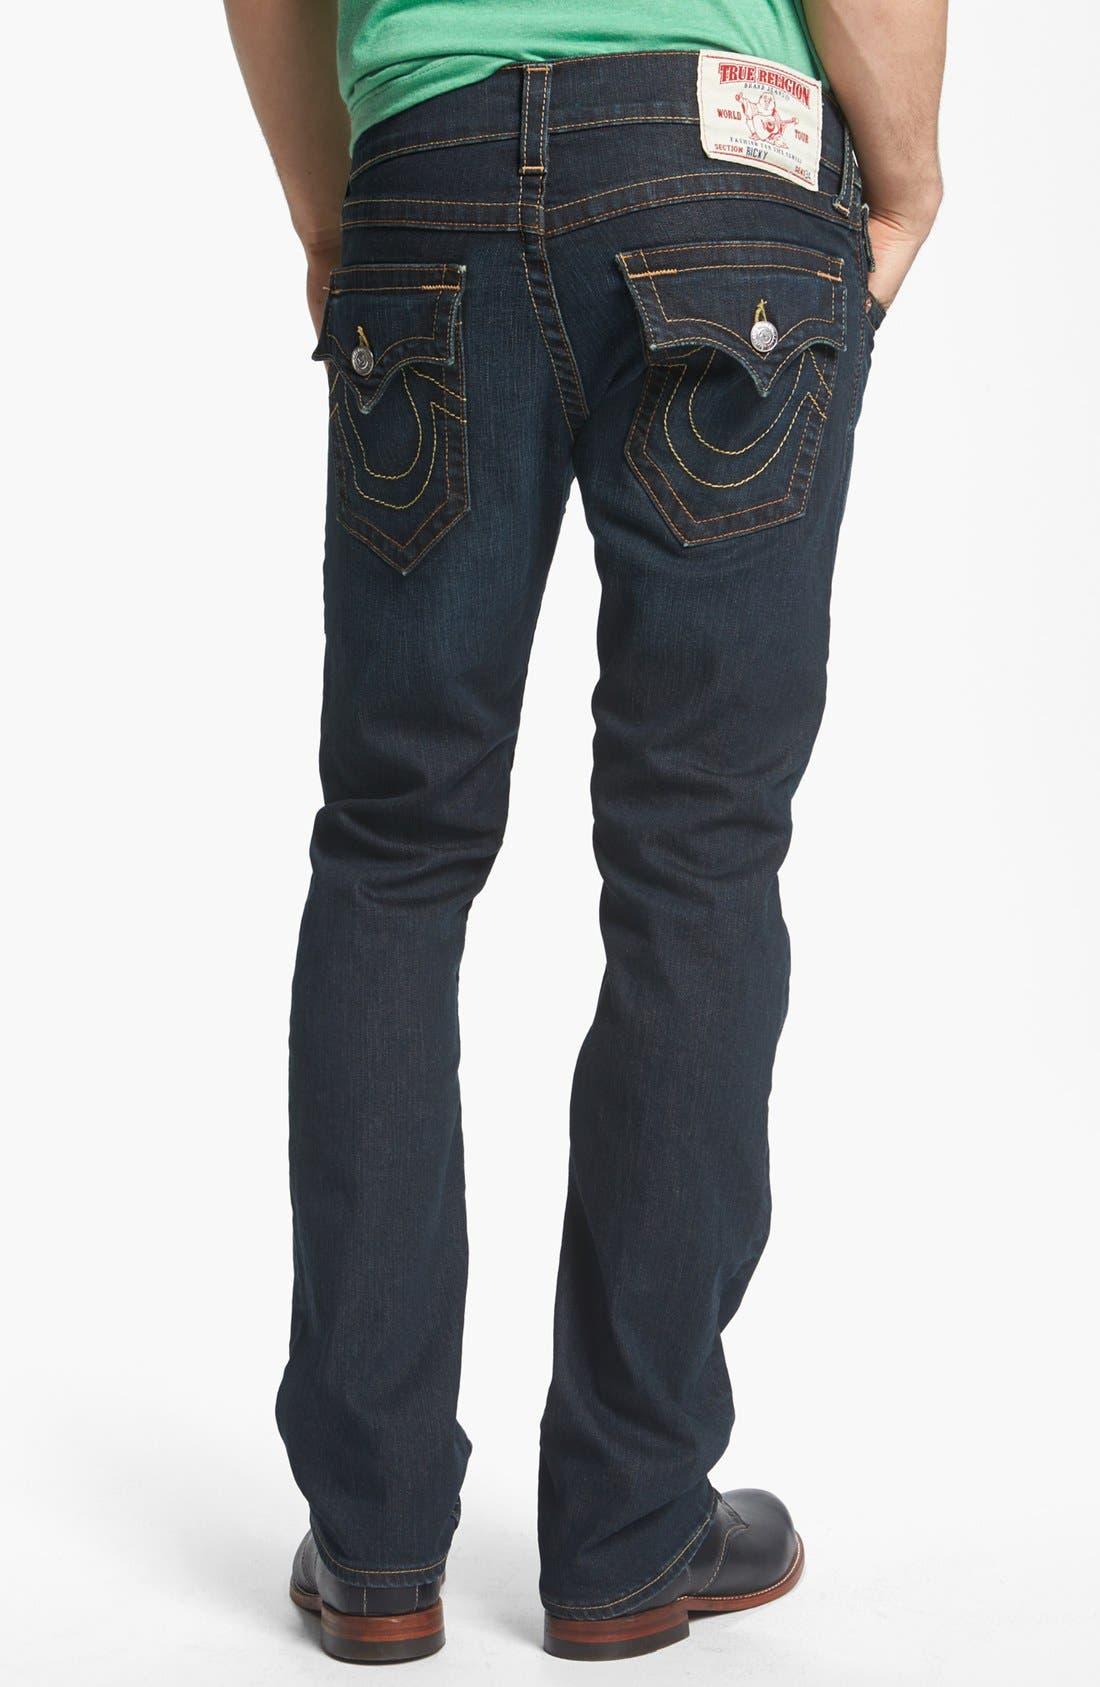 Alternate Image 1 Selected - True Religion Brand Jeans 'Ricky' Straight Leg Jeans (Jackknife)